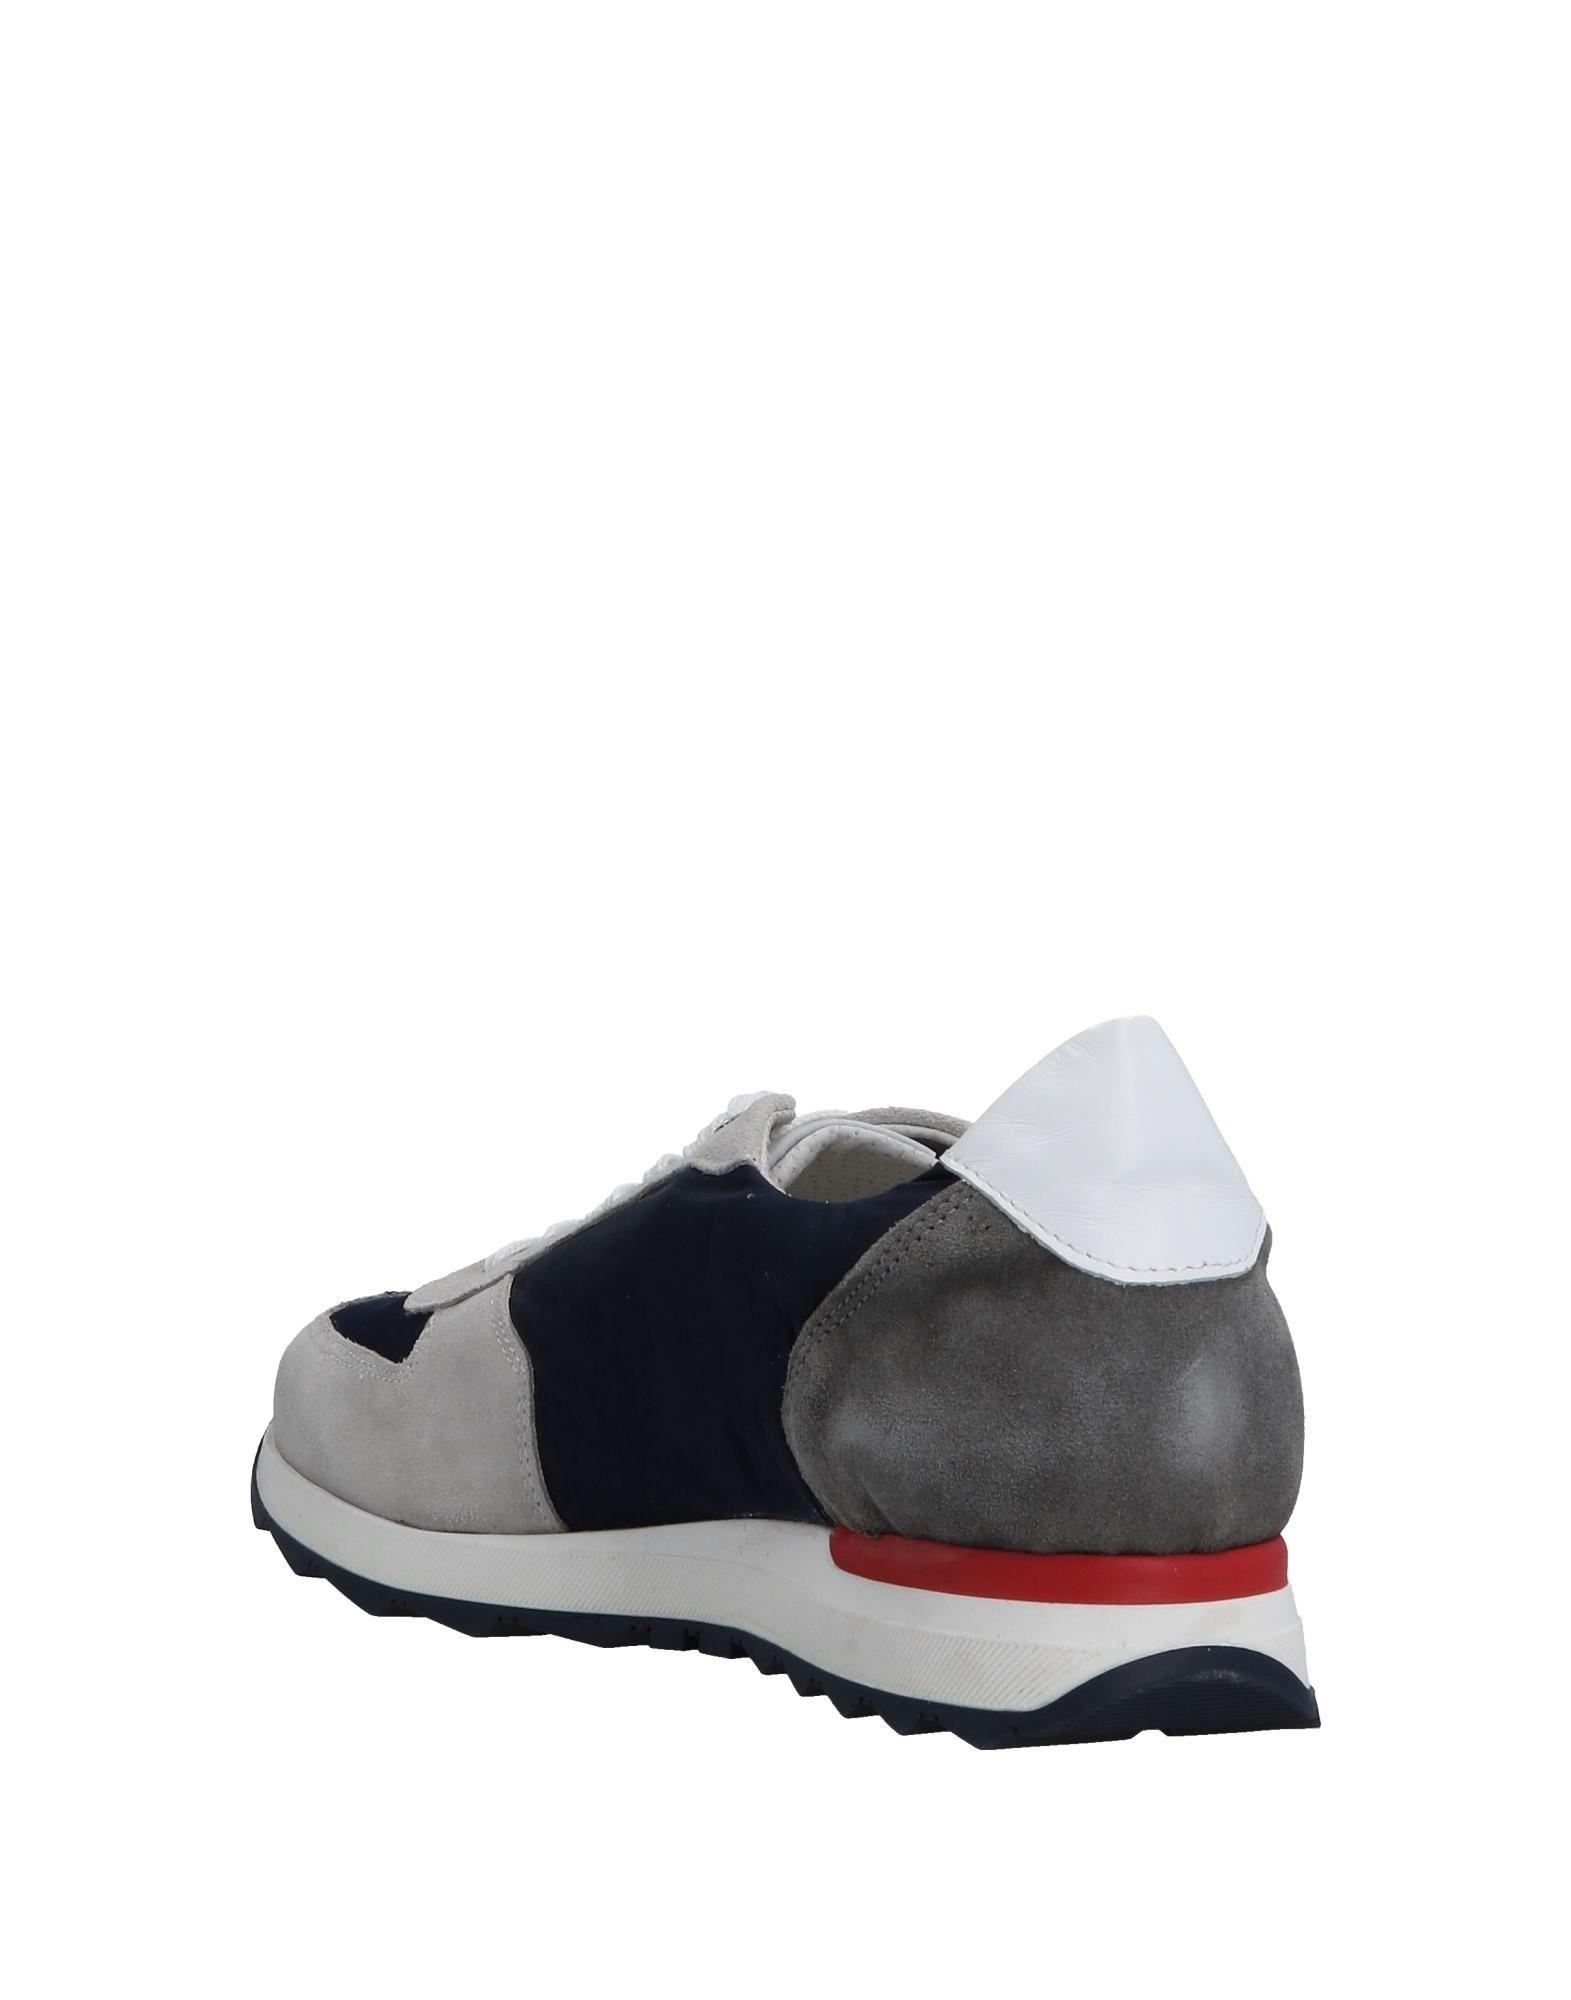 Rabatt echte Schuhe Drudd Sneakers 11531179ND Herren  11531179ND Sneakers 915bda